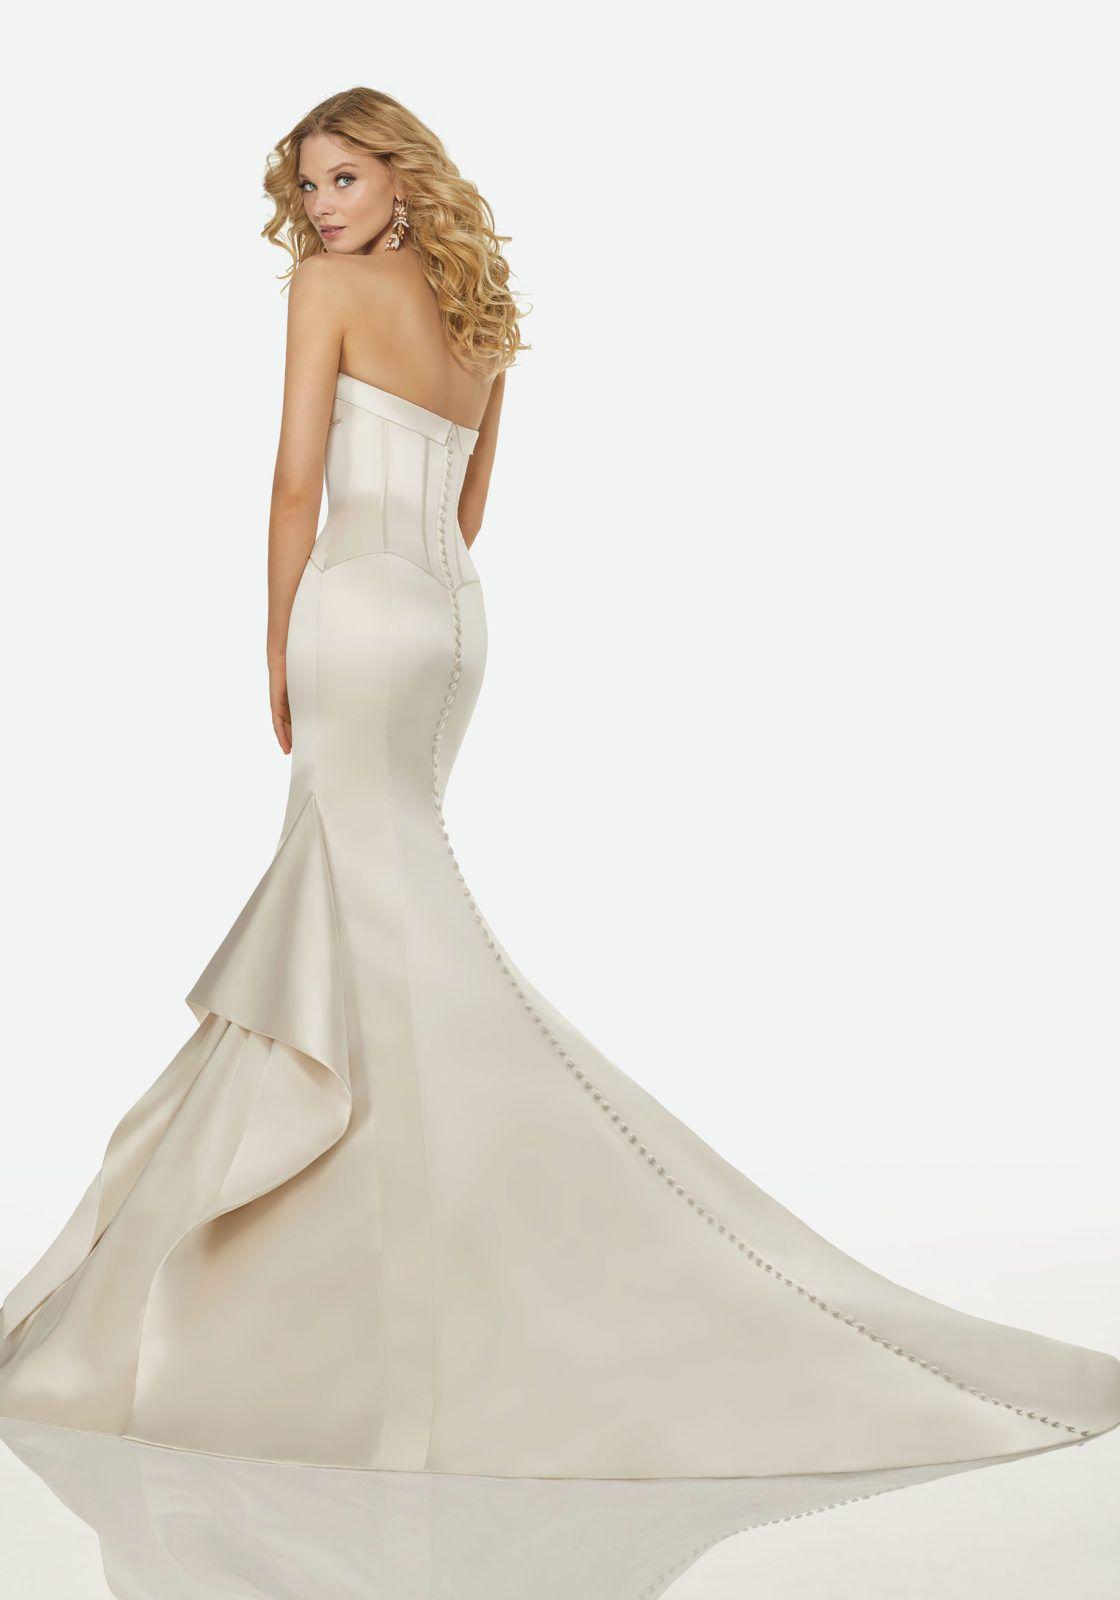 Layla Wedding Dress MEGA- like back!